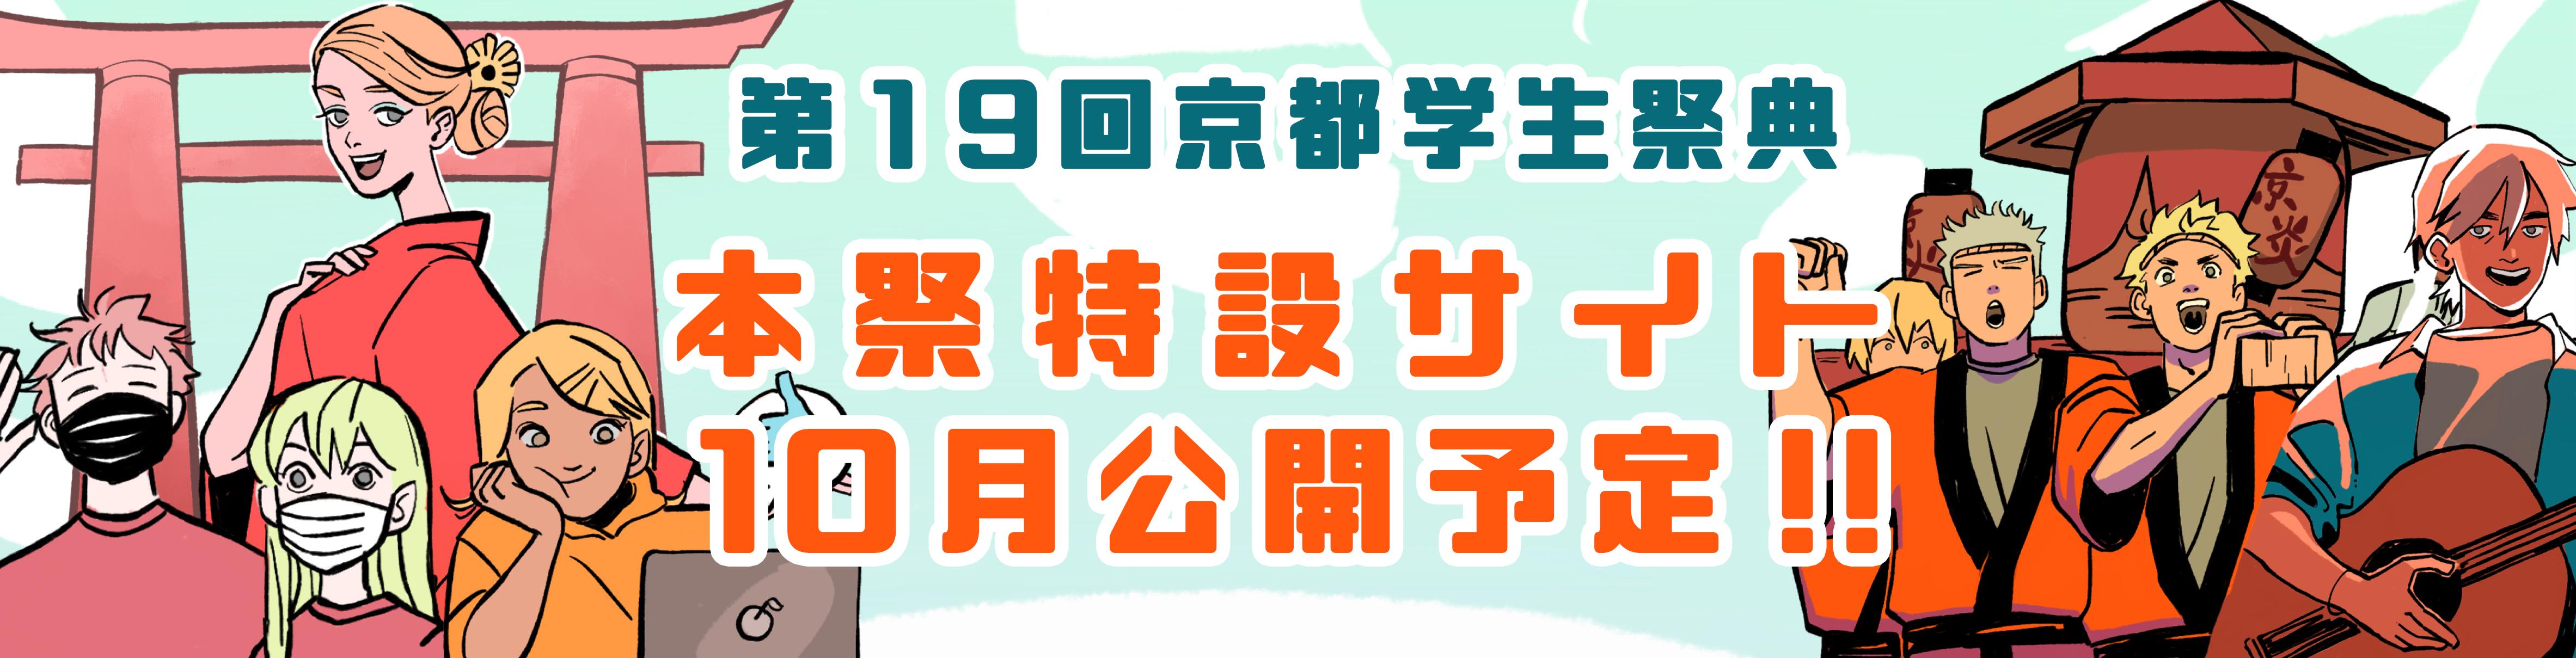 第18回京都学生祭典オンライン本祭